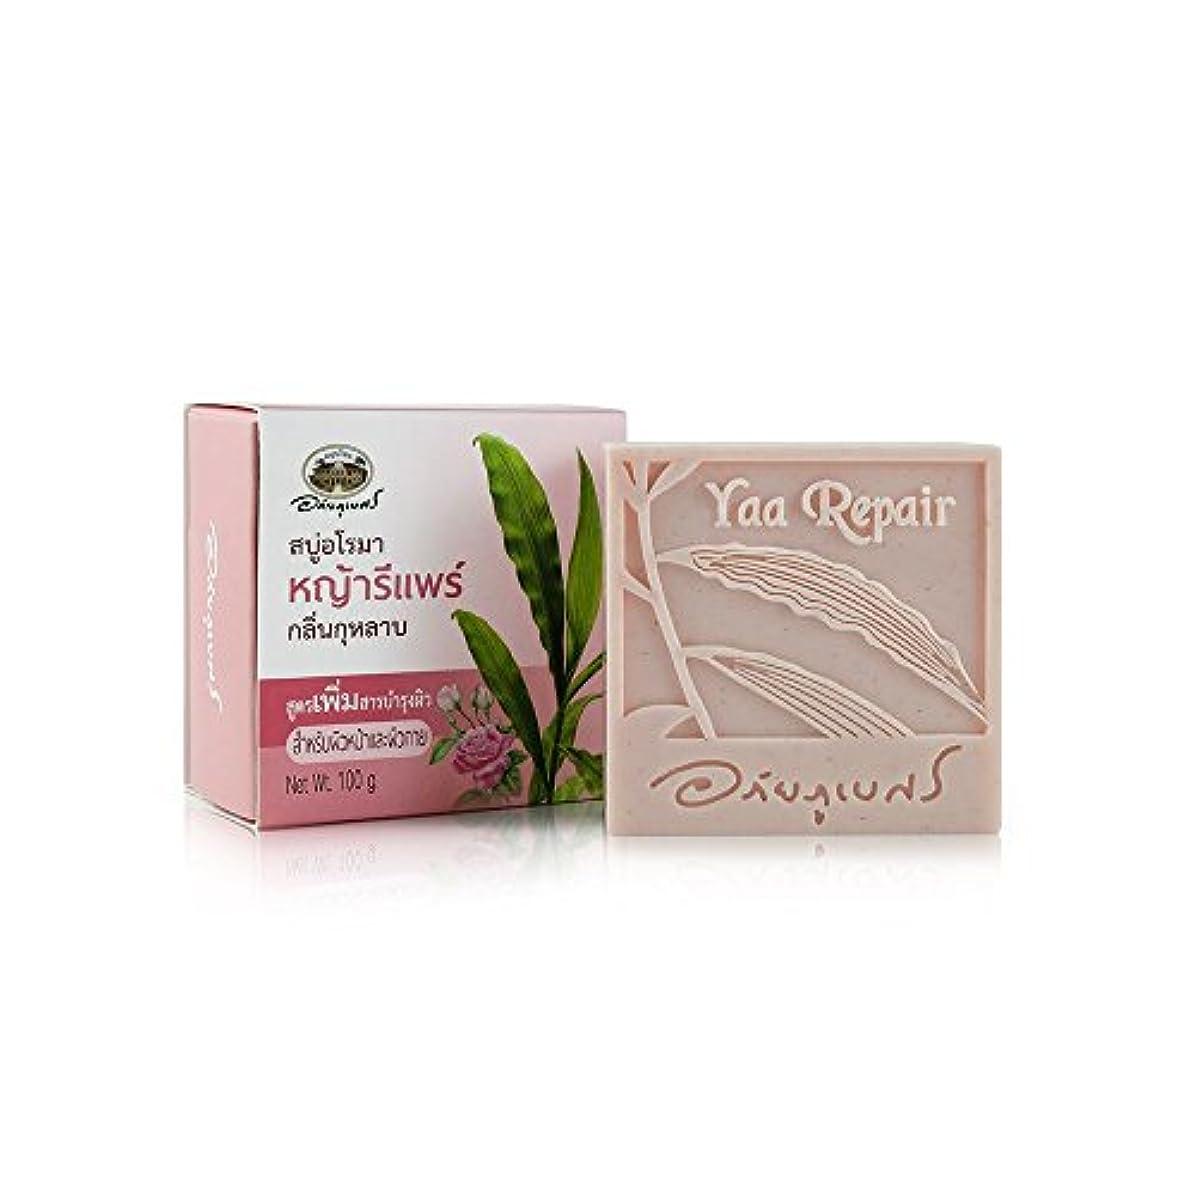 気を散らすコールド統治可能Abhaibhubejhr Thai Aromatherapy With Rose Skin Care Formula Herbal Body Face Cleaning Soap 100g. Abhaibhubejhr...